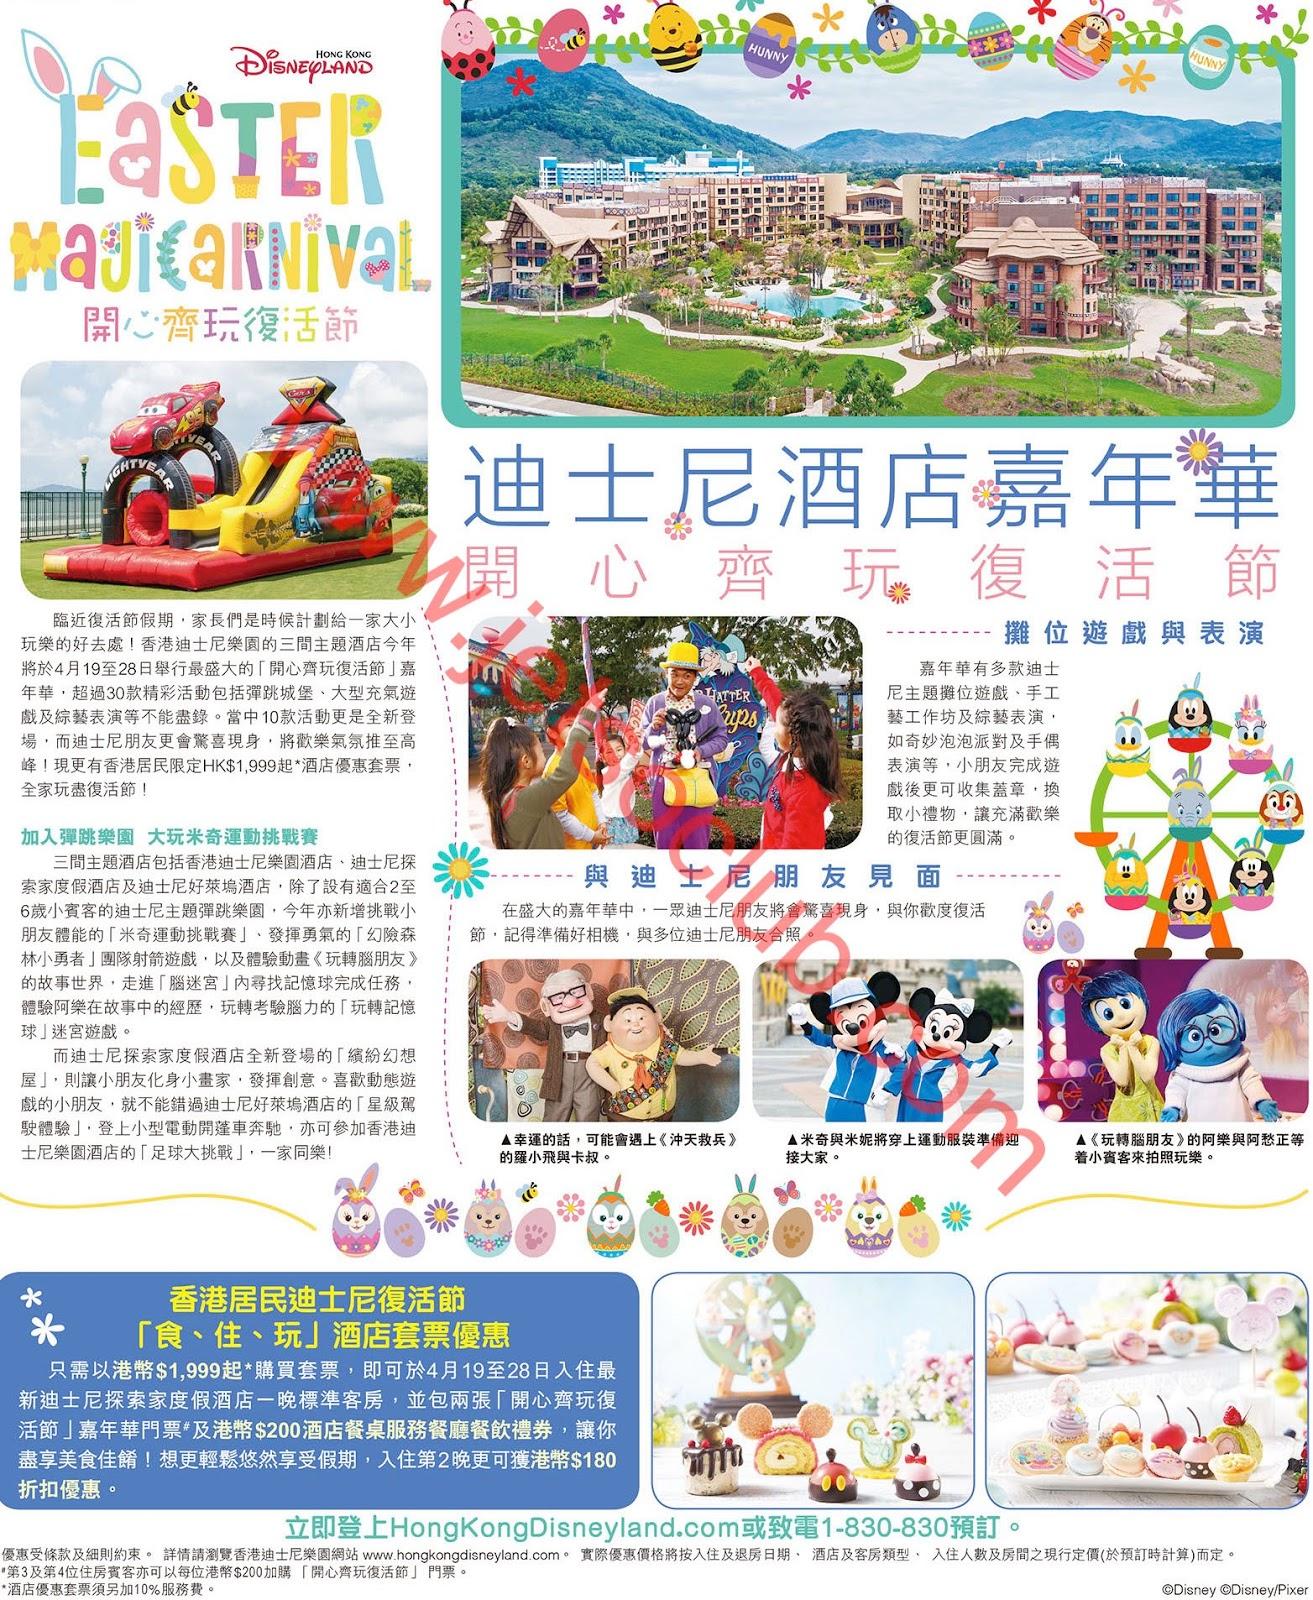 香港迪士尼樂園:港人「迪士尼復活節」食,住,玩酒店套票優惠(至25/4) ( Jetso Club 著數俱樂部 )